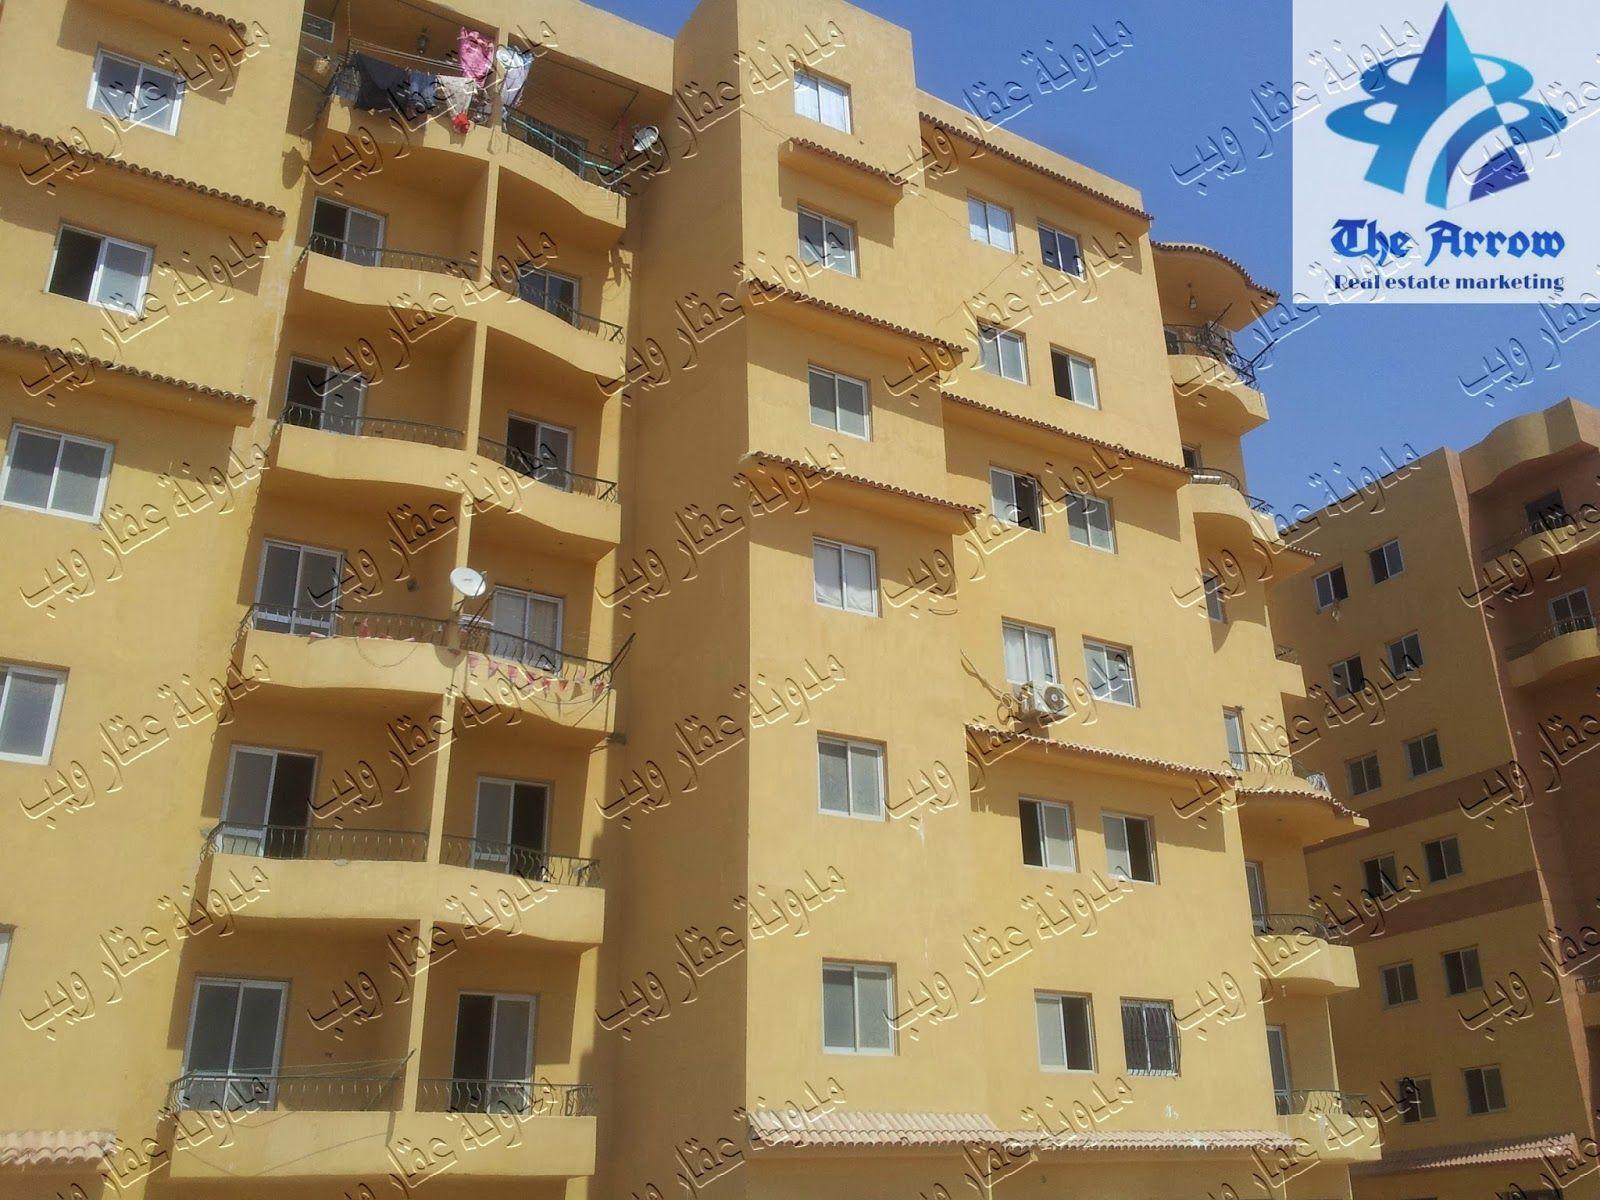 شقق للبيع بالتقسيط بمدينة بدر بالقاهرة على 20 سنة بقسط 500 جنيه Apartments For Sale Estates Apartment